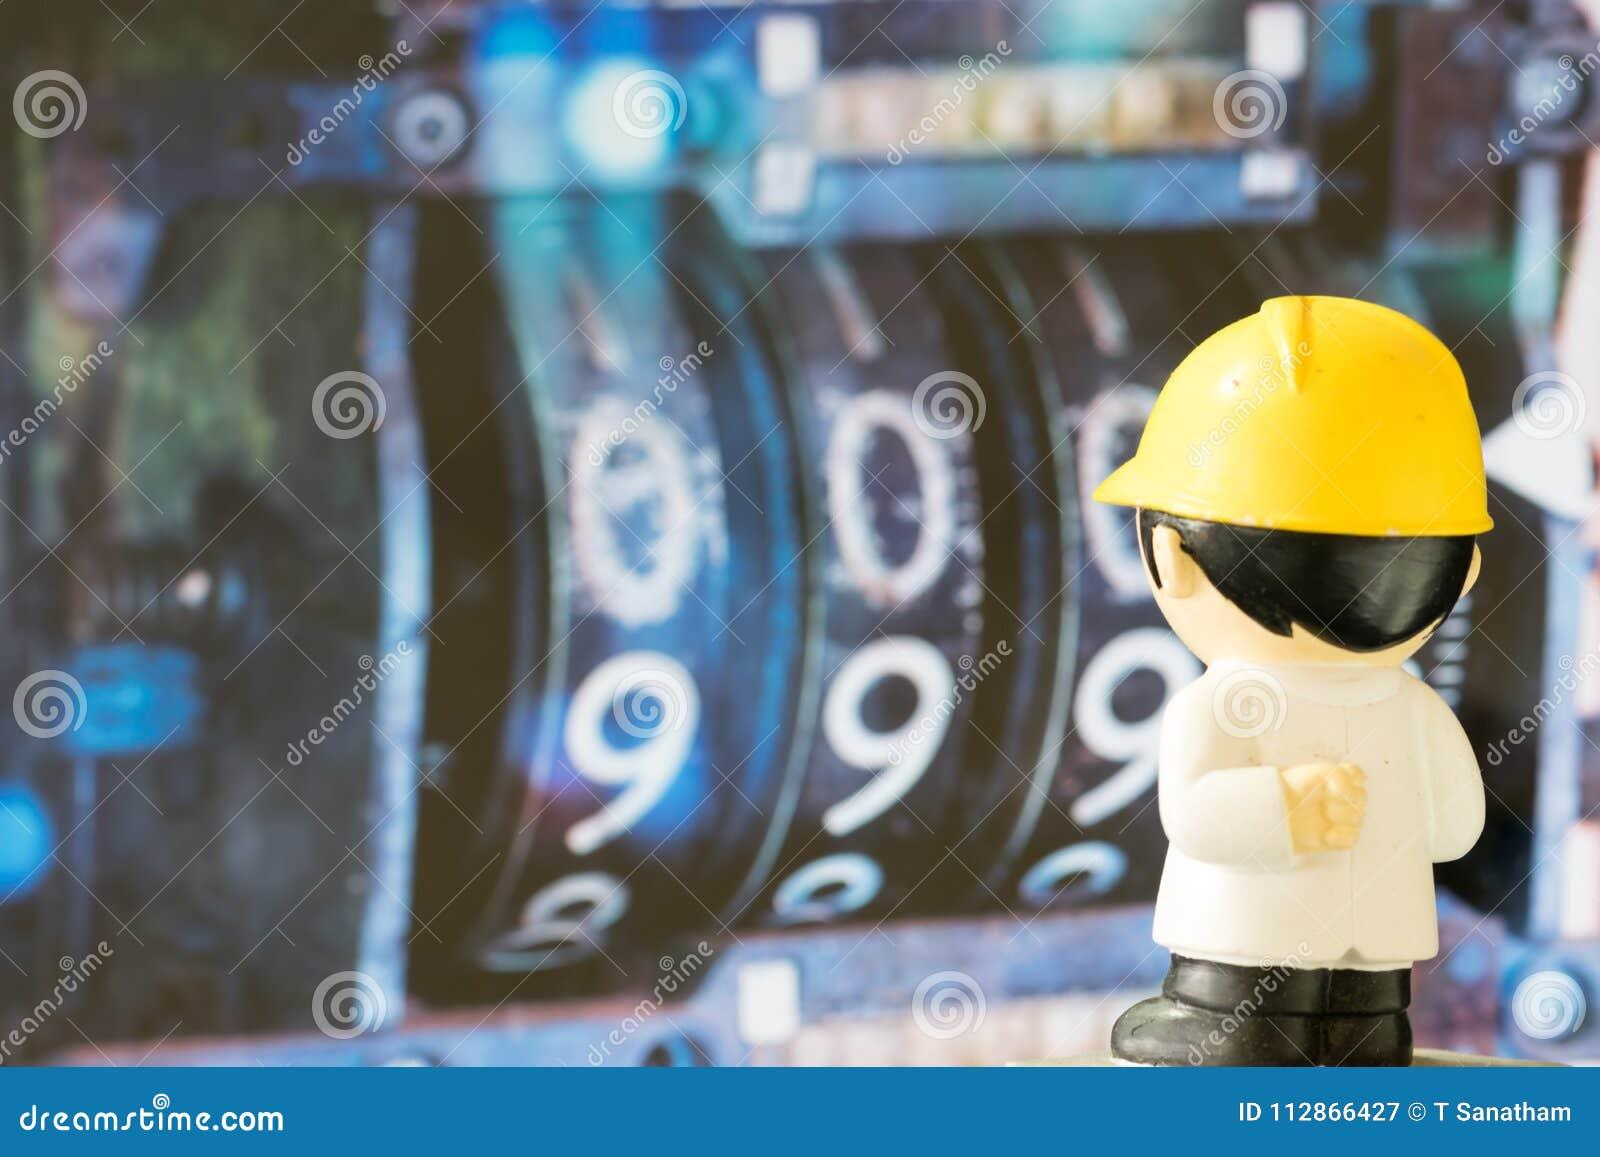 Engineering cartoon characters look at numbers.